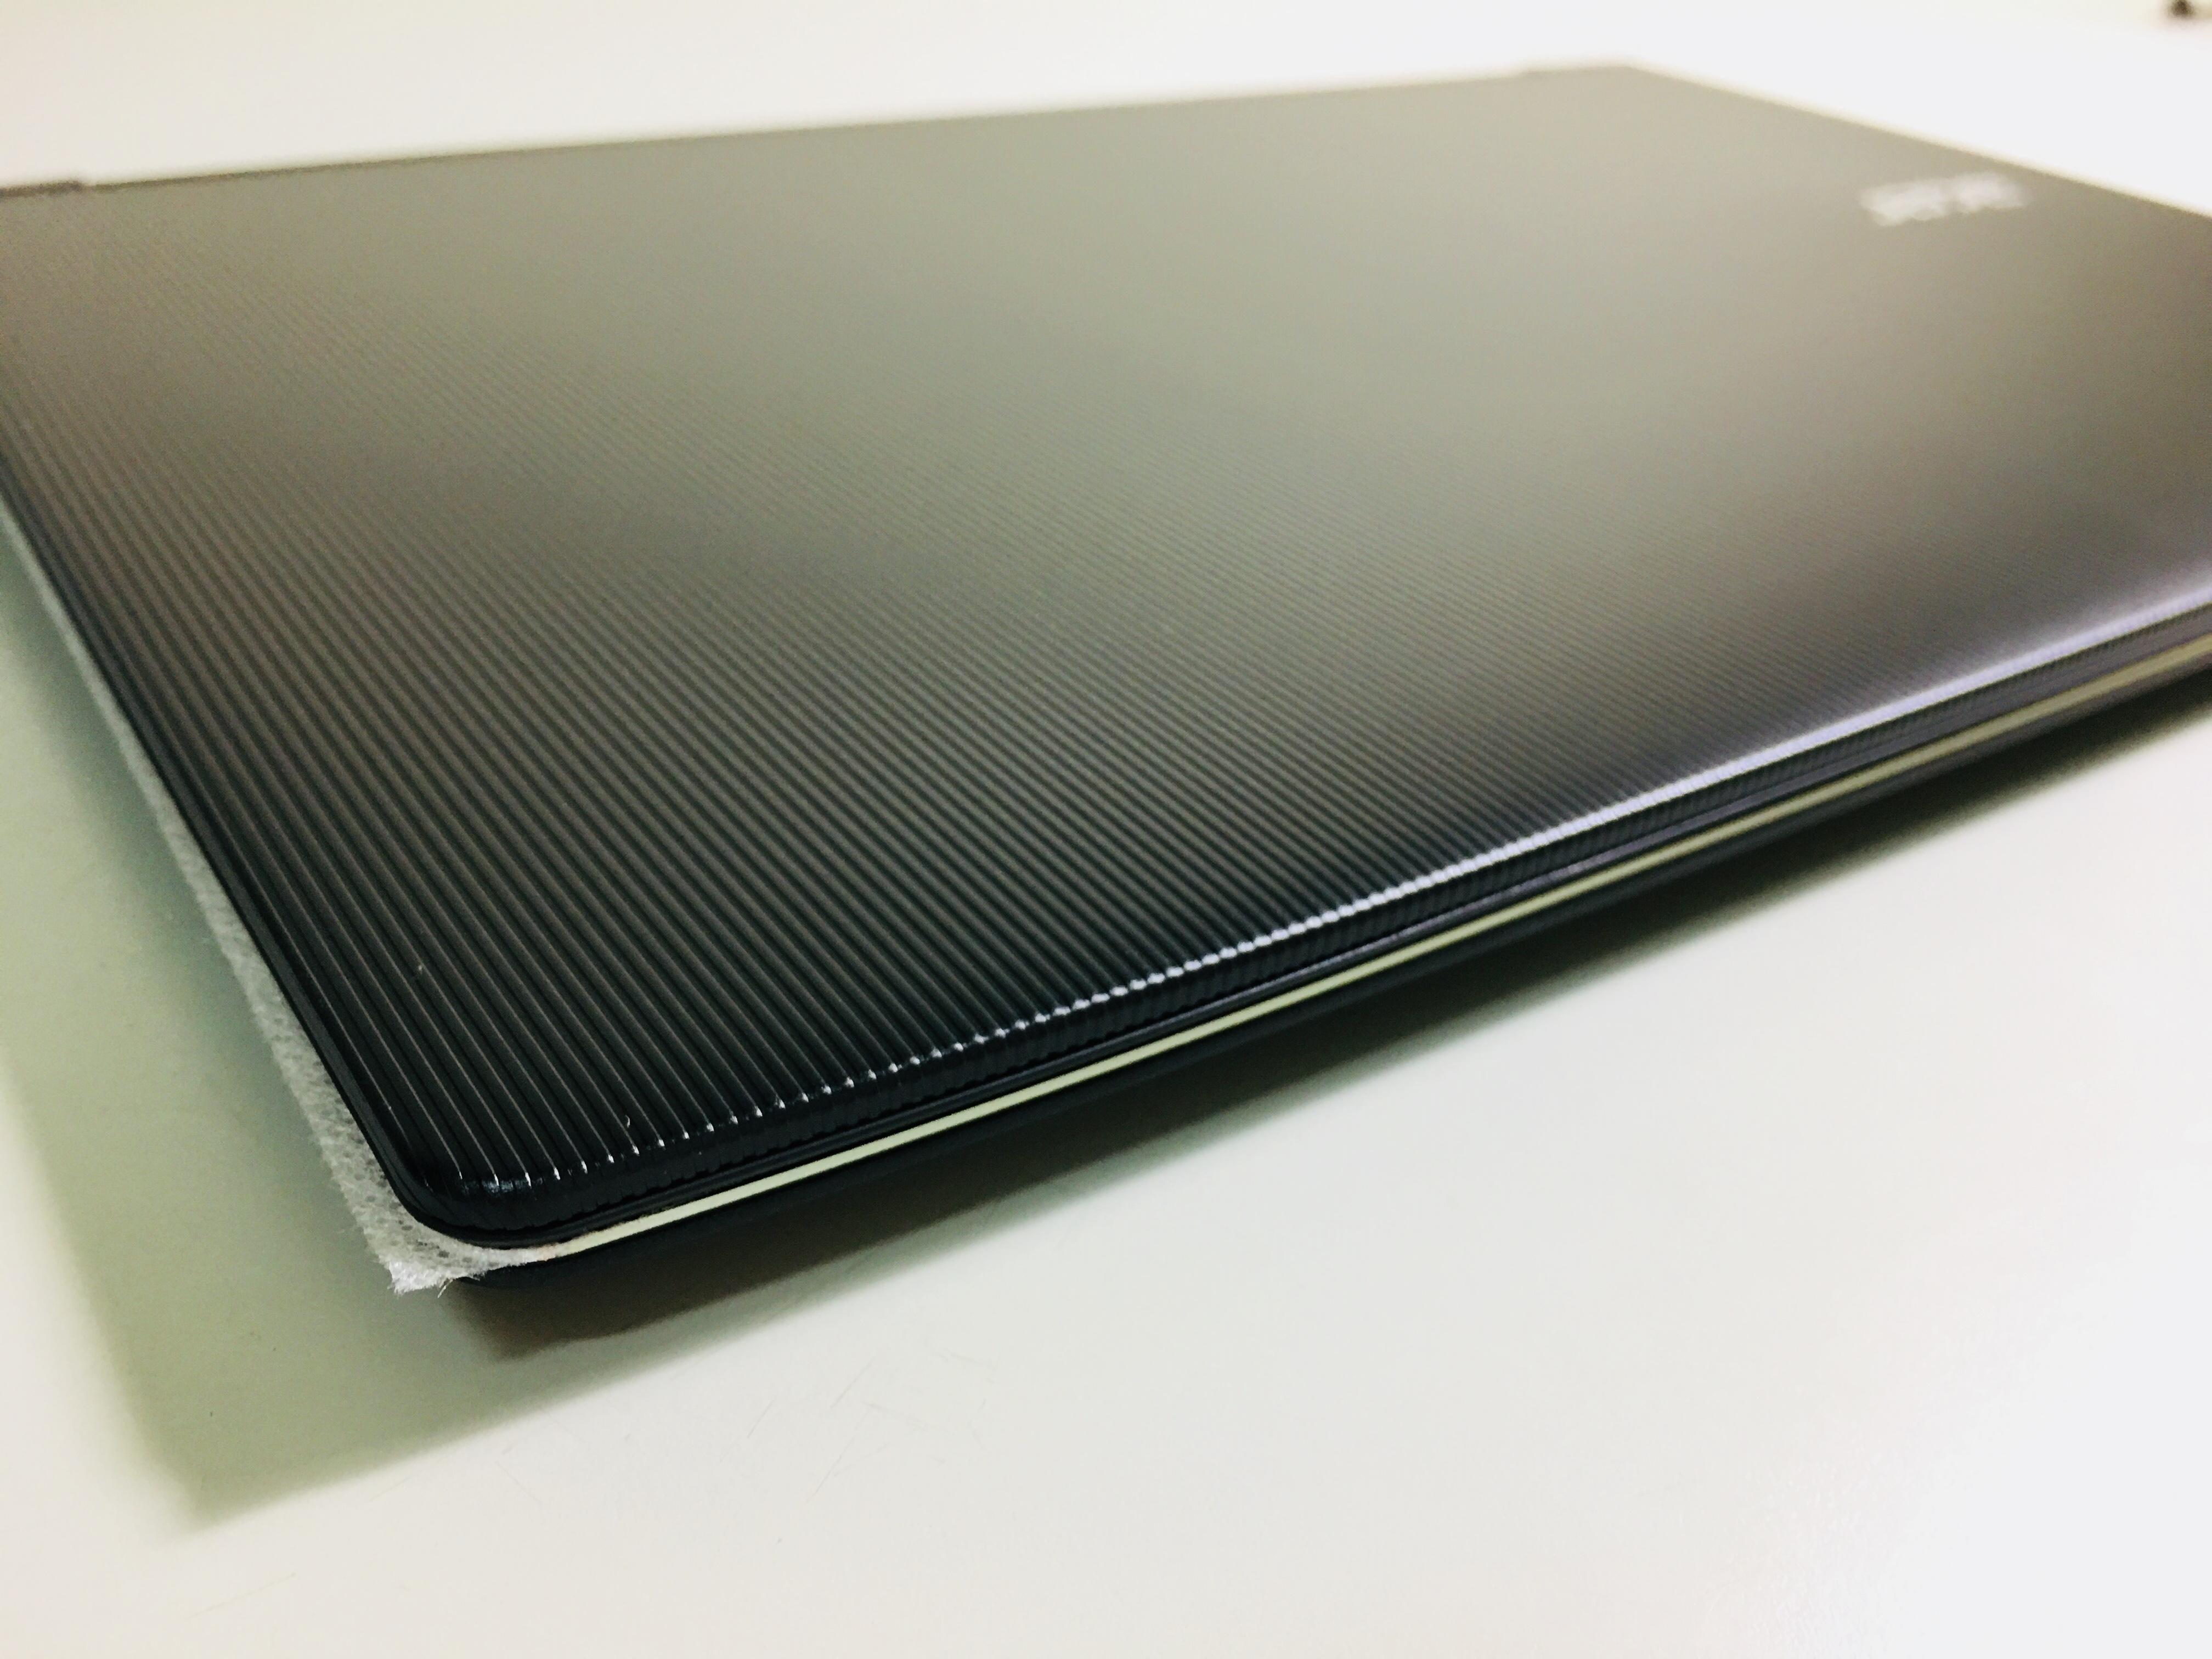 螢幕背板經過特殊設計,較不易沾黏指紋